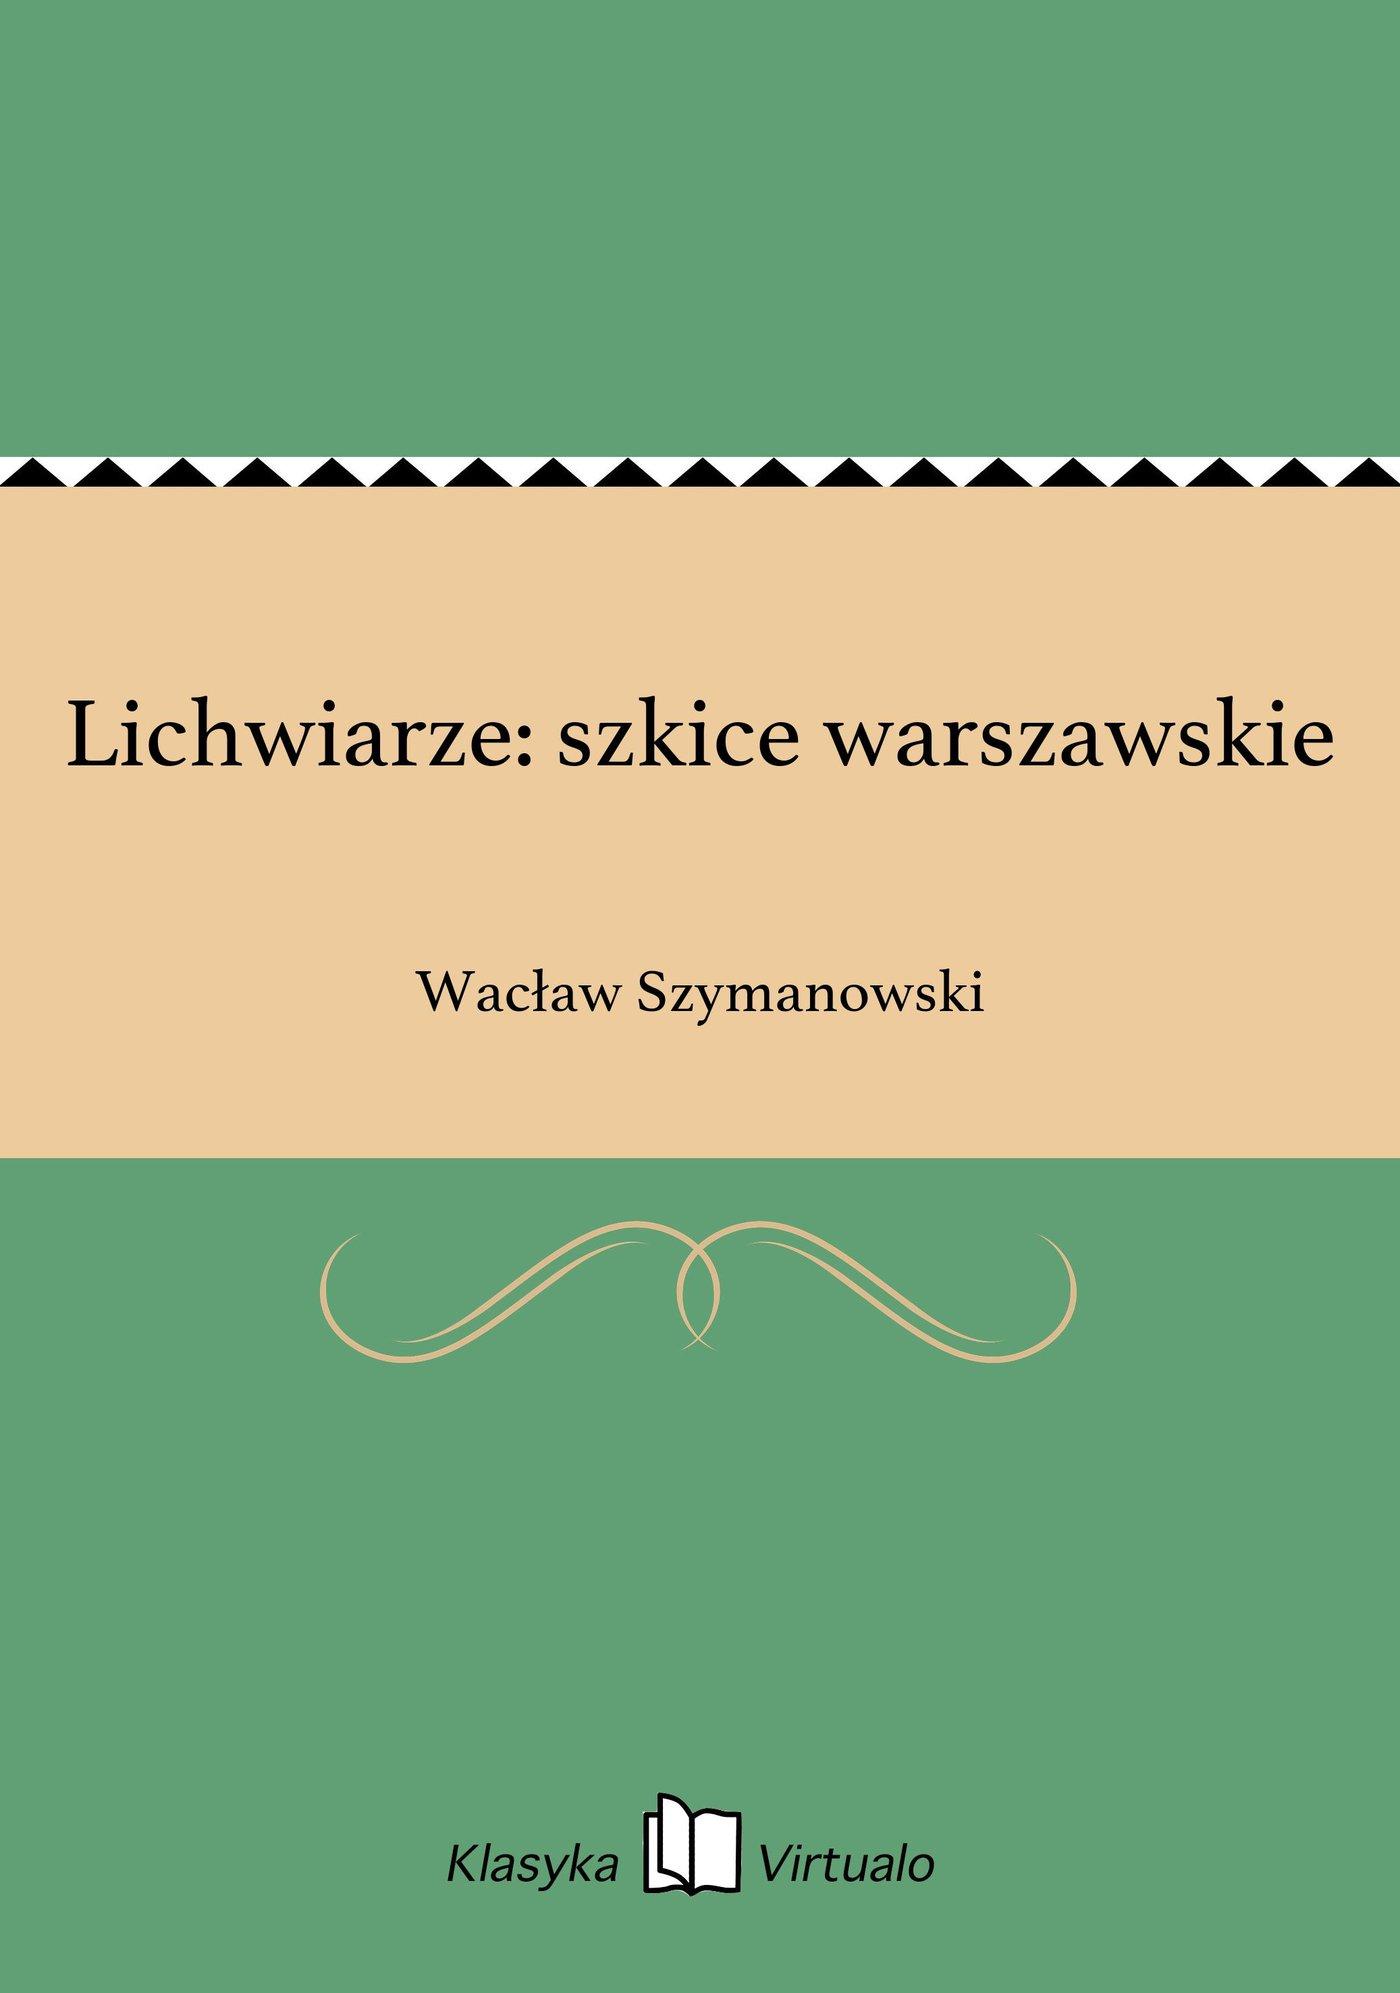 Lichwiarze: szkice warszawskie - Ebook (Książka EPUB) do pobrania w formacie EPUB